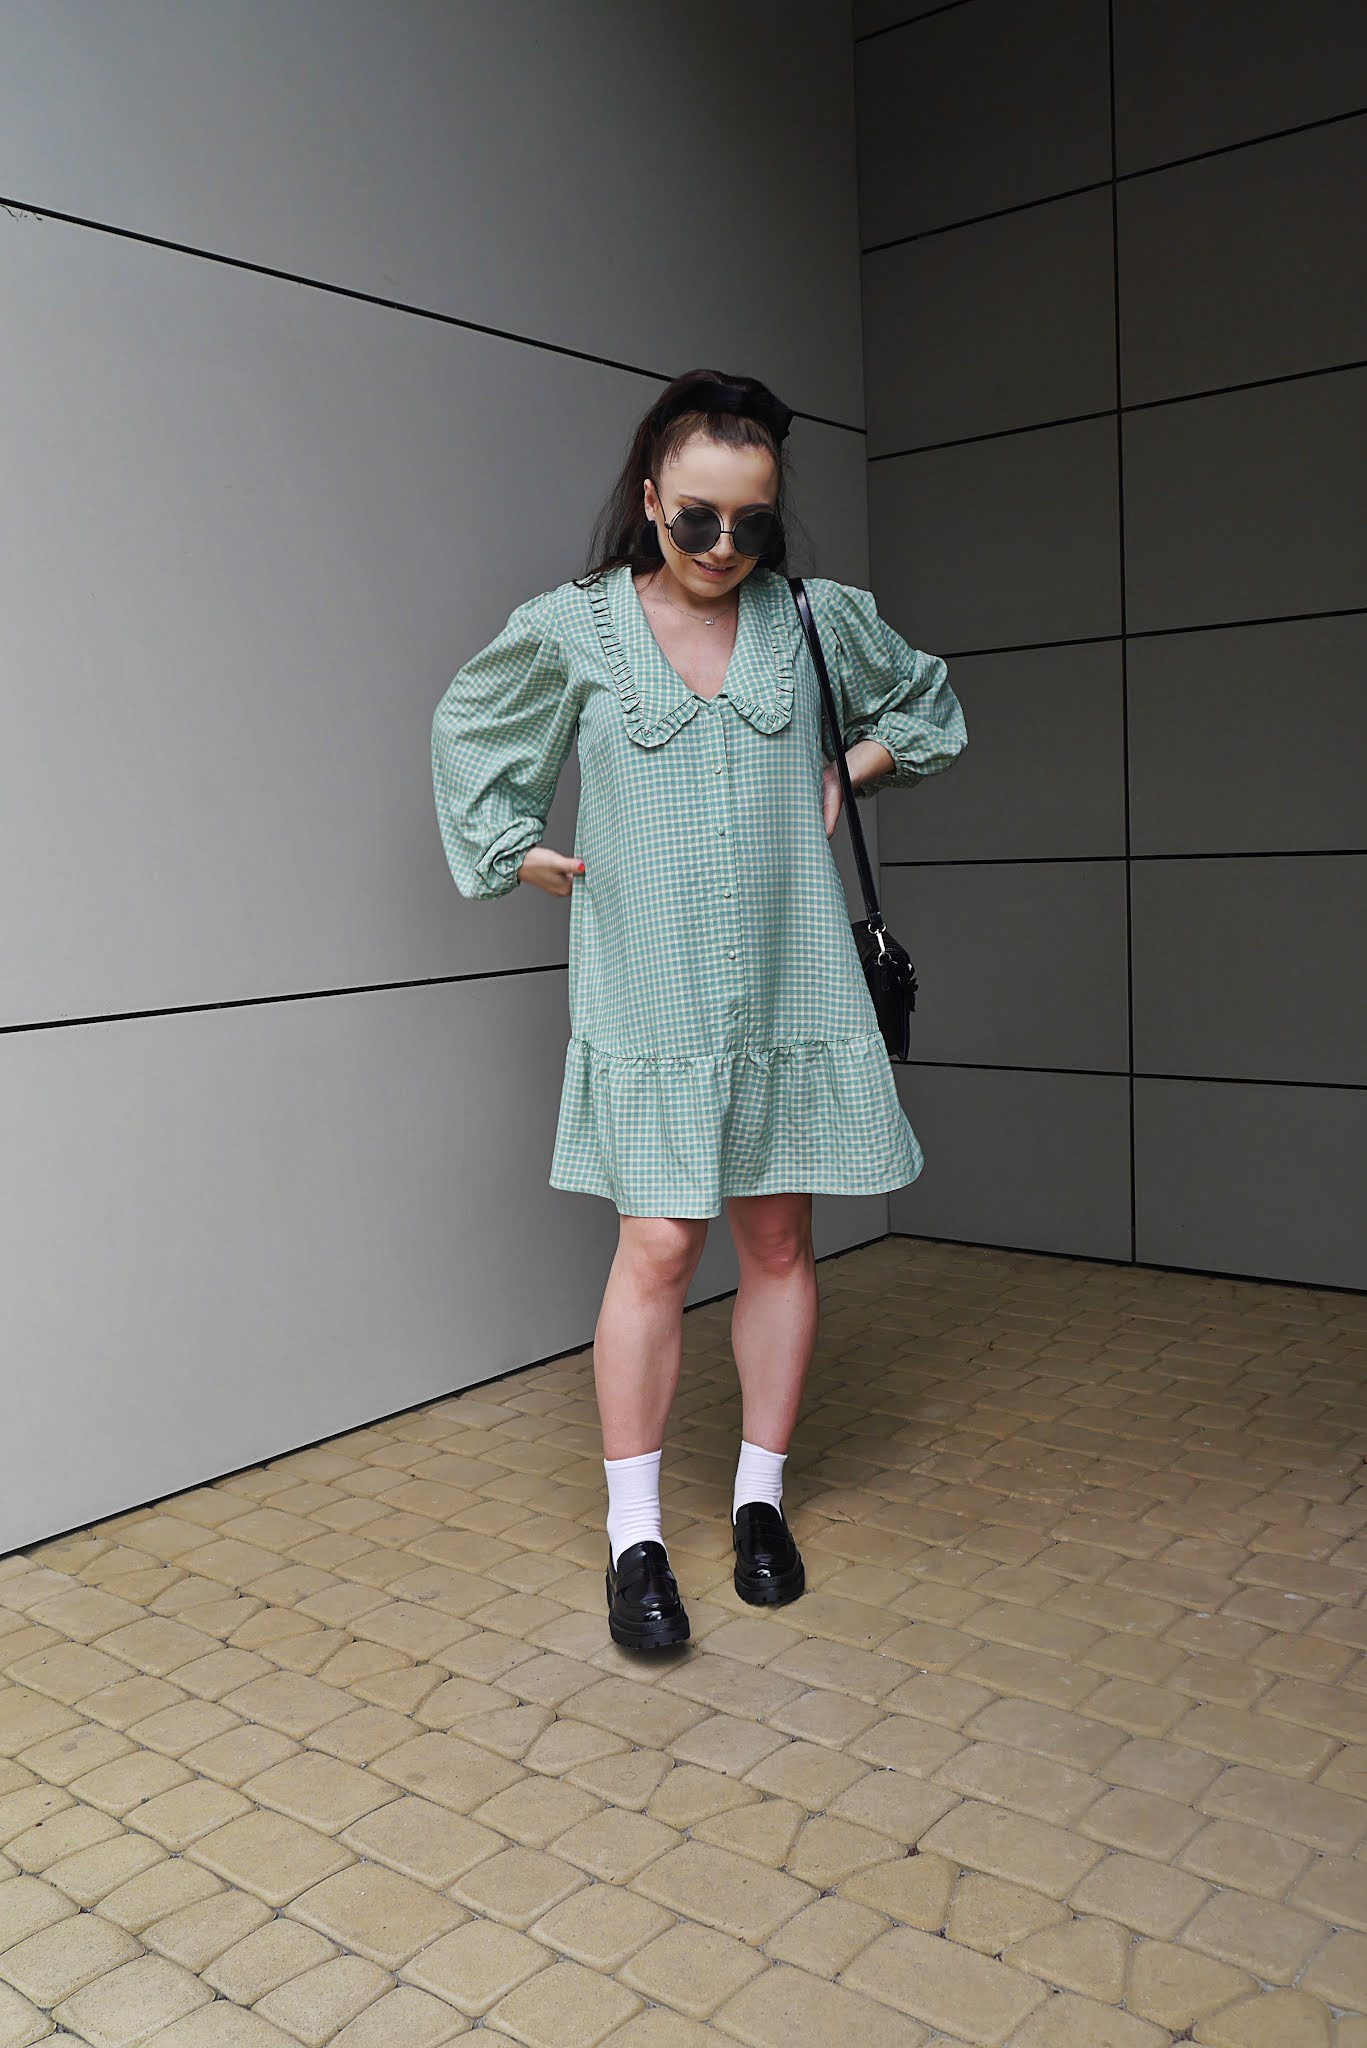 blog modowy blogerka modowa karyn puławy stylizacja ciążowa sukienka z kołnierzem babydoll bonprix mokasyny na platformie czarne ccc skarpetki okulary przeciwsłoneczne okrągłe czarne torebka z łańcuszkiem stylizacja jesienna ootd look inspiracja ciążowa jak ubrać się w ciąży ciążowy styl